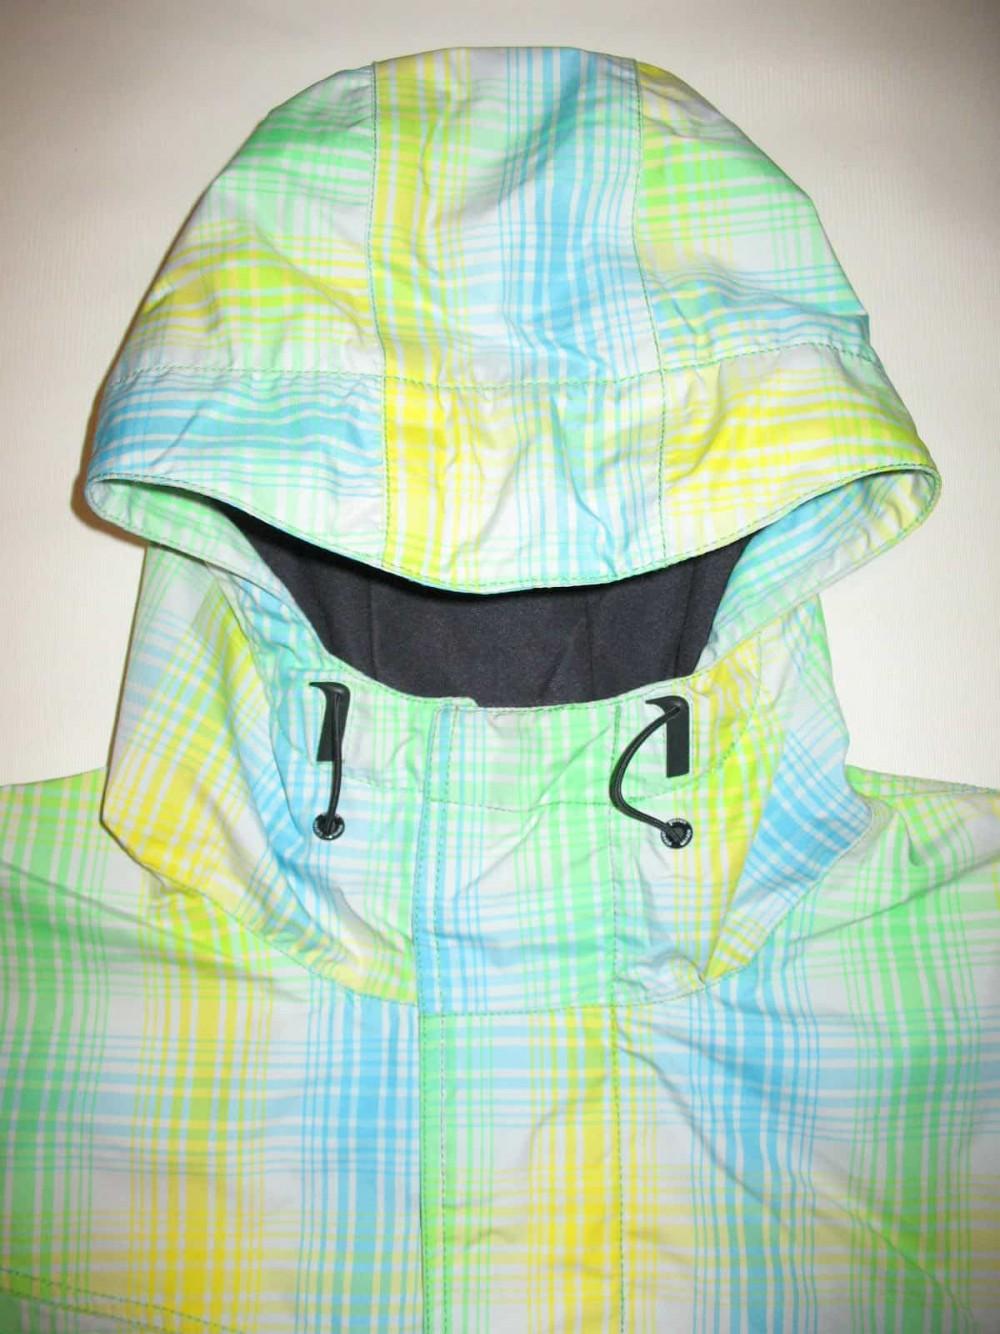 Куртка ELEVEN 10 10 snowboard jacket (размер XL) - 4